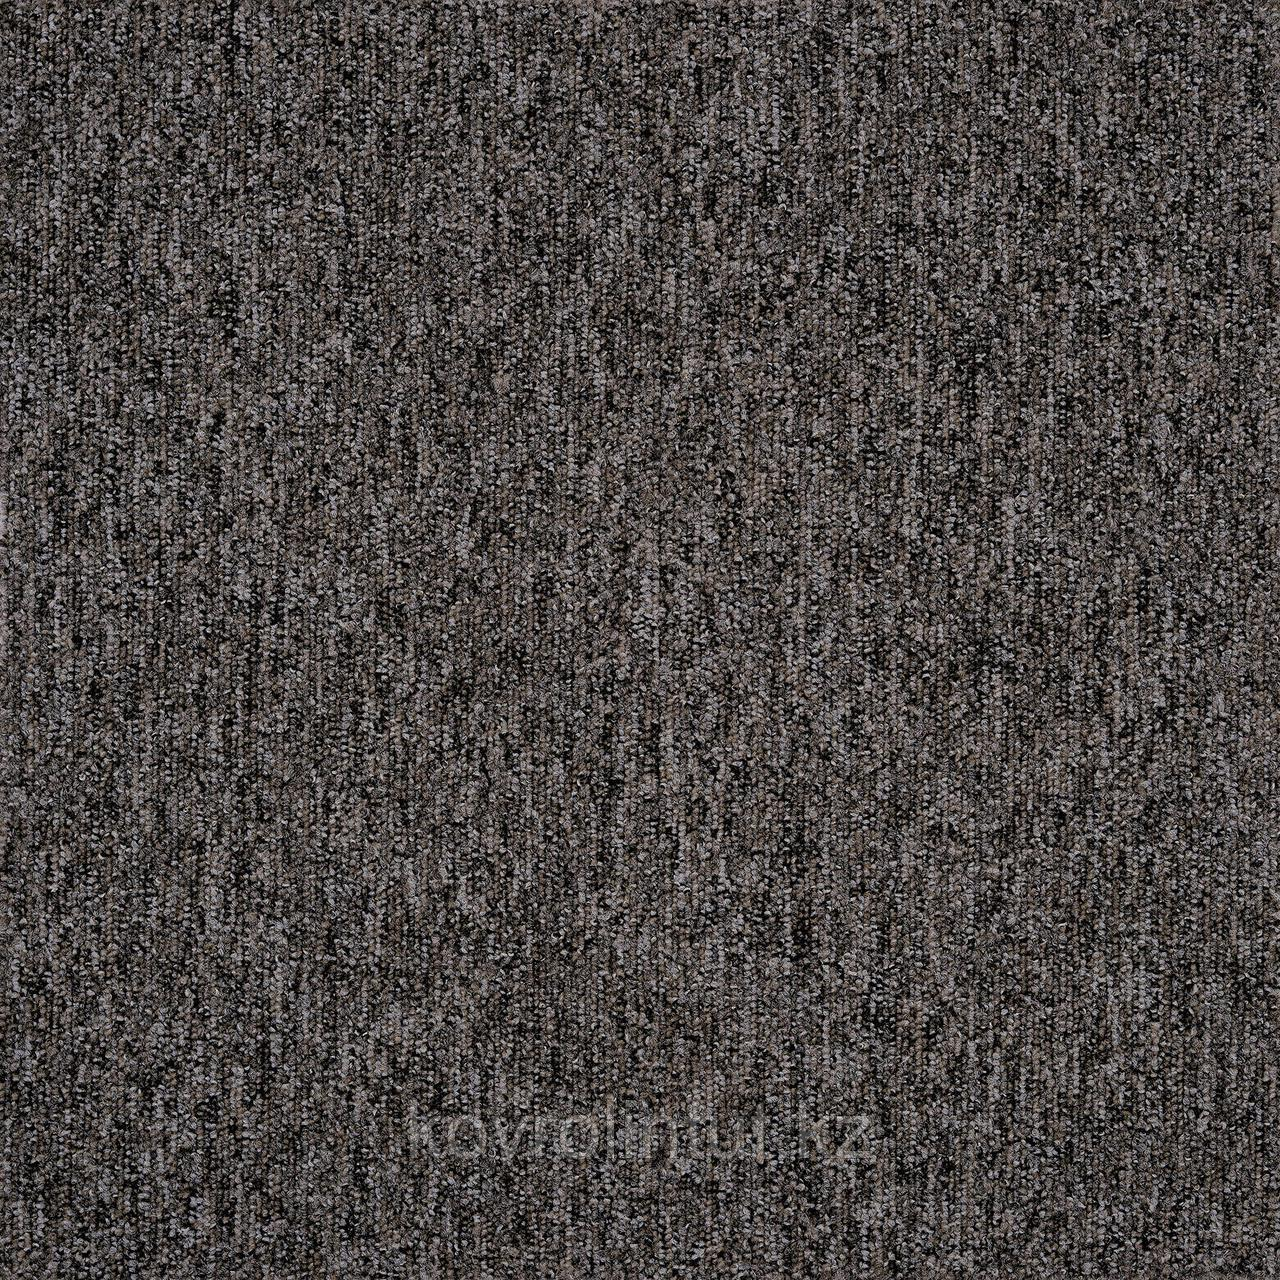 Ковровая плитка с КМ2 Galaxy Light Таркетт (Tarkett) 16786